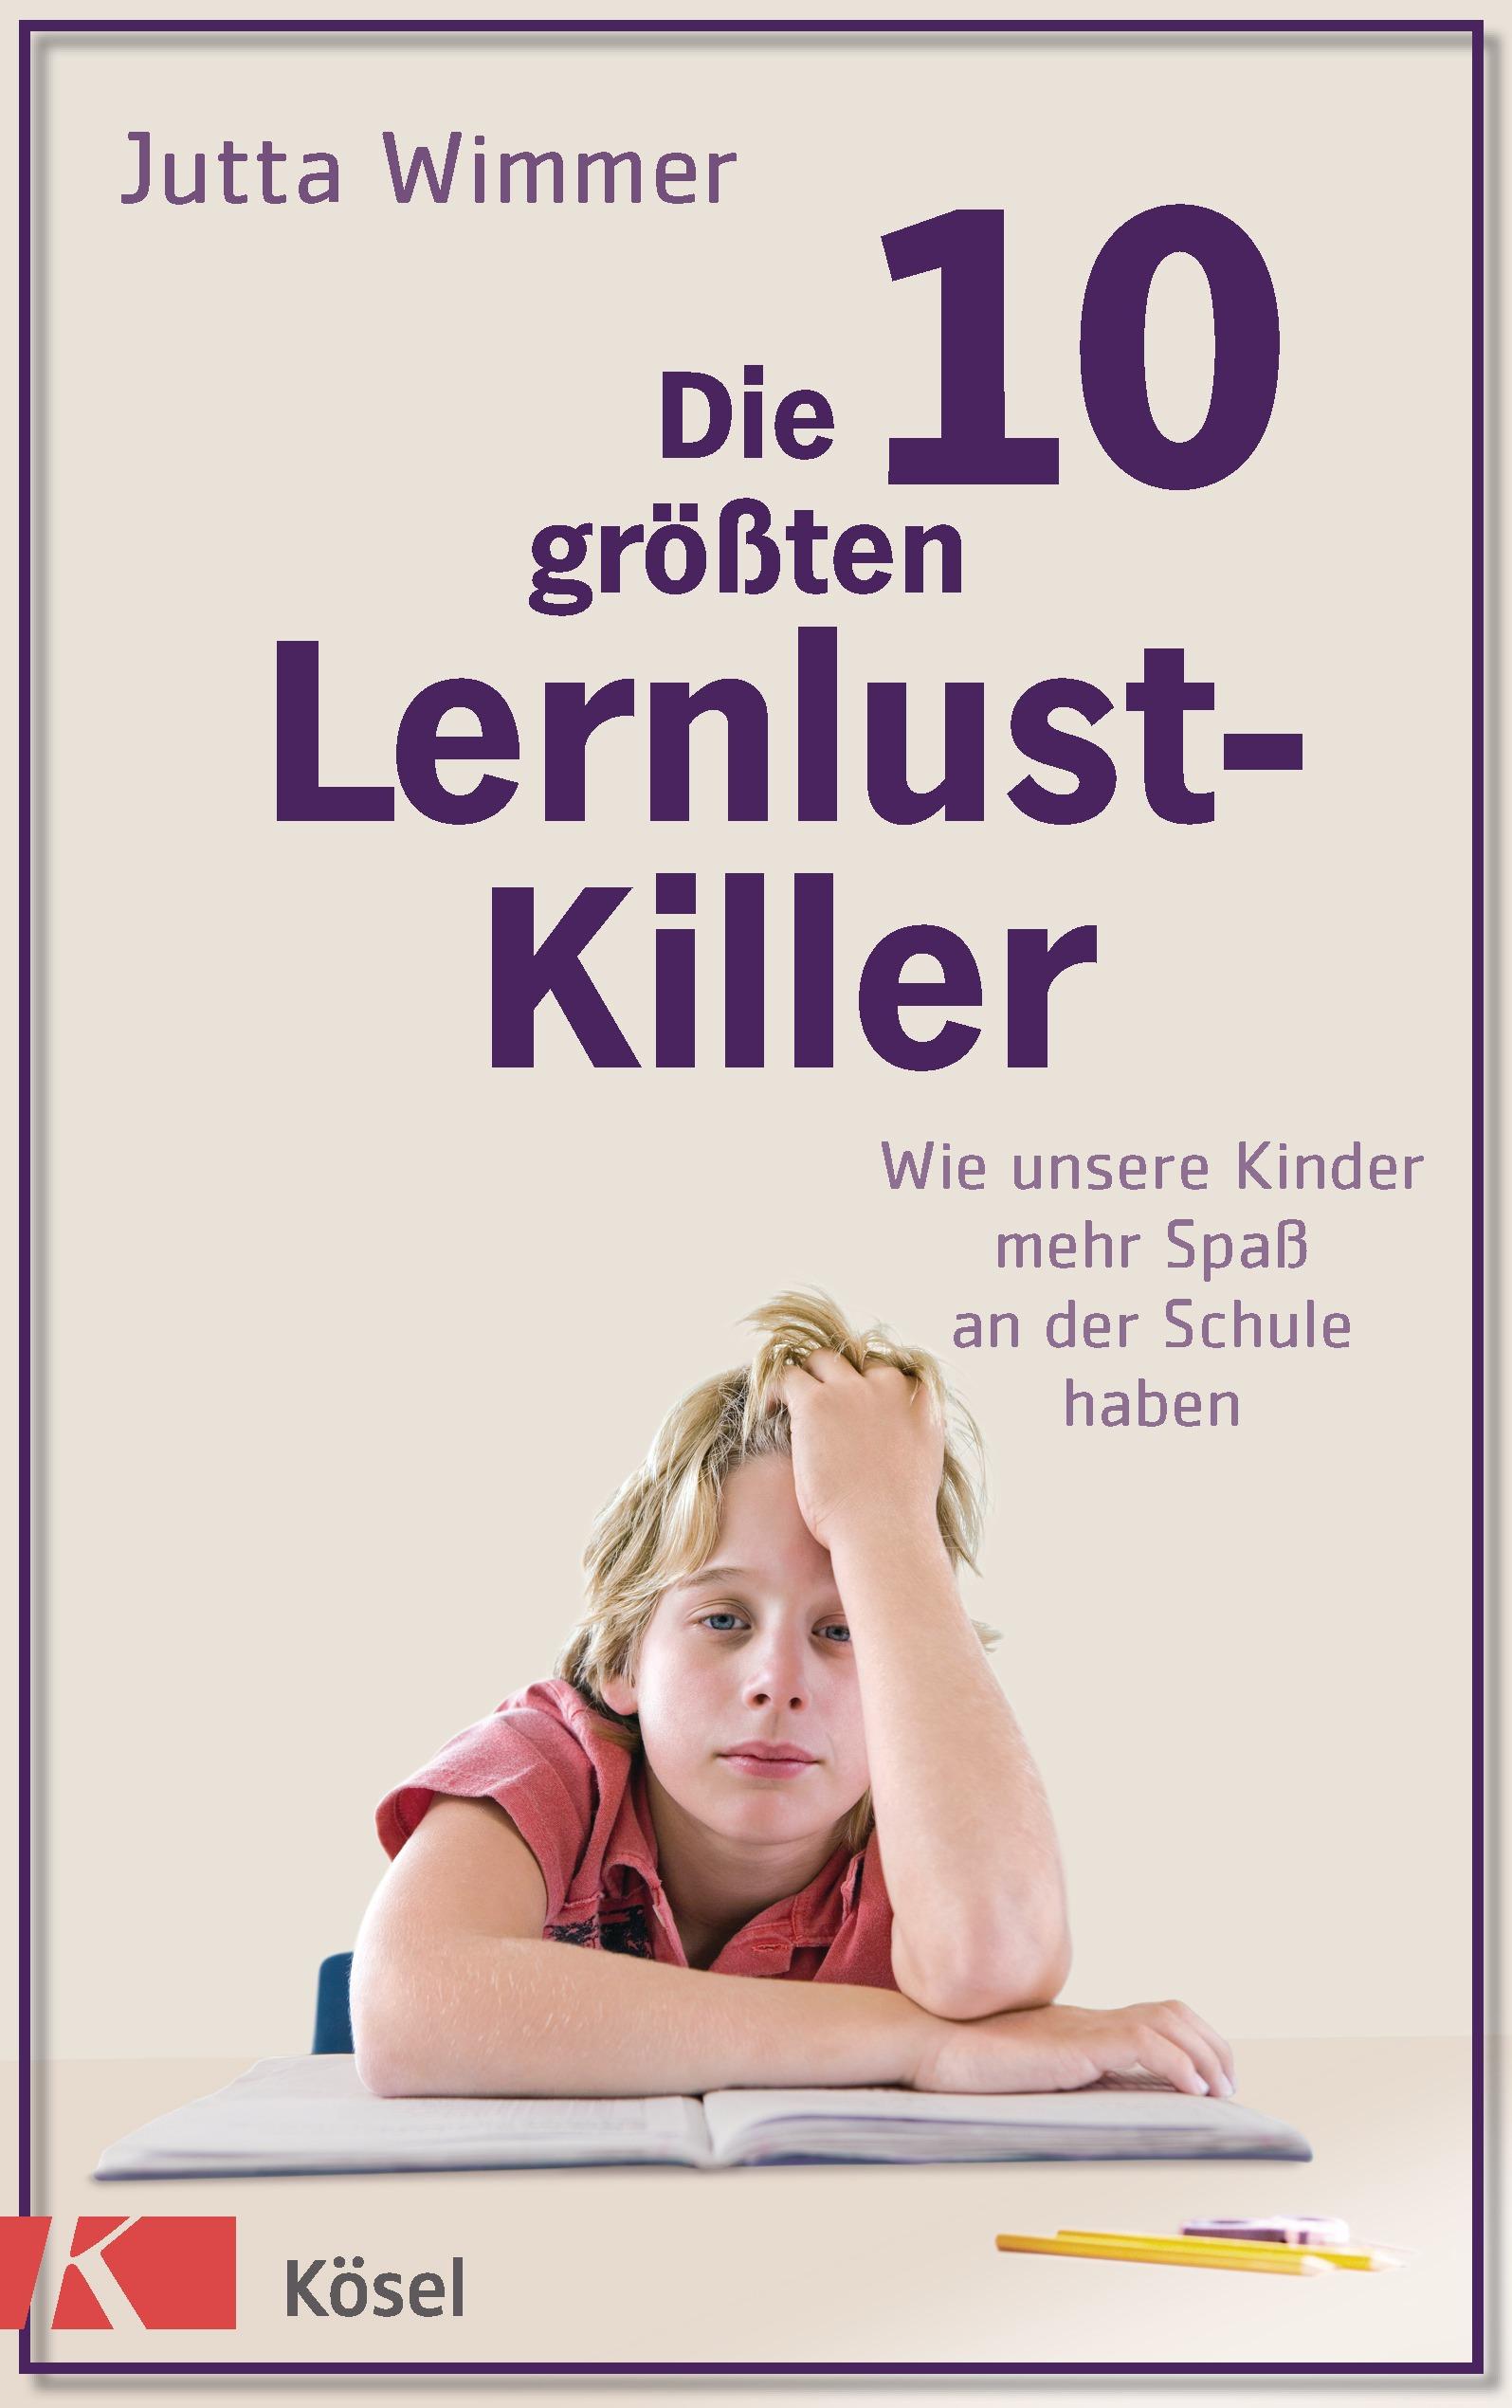 Die 10 größten Lernlustkiller: Wie unsere Kinder mehr Spaß an der Schule haben - Jutta Wimmer